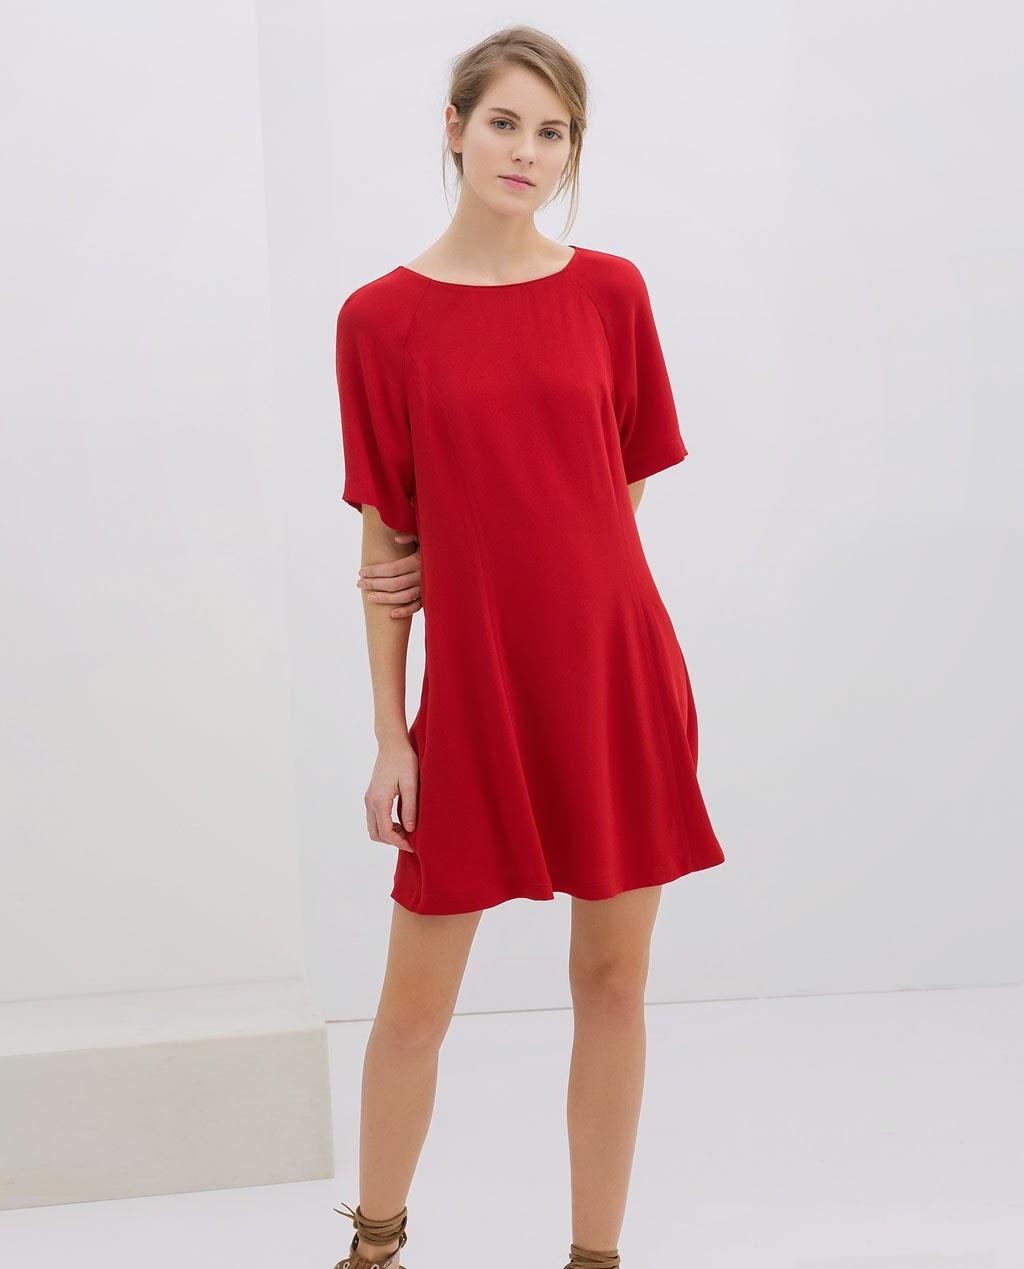 kırmızı elbise, kısa elbise, yarım kol elbise